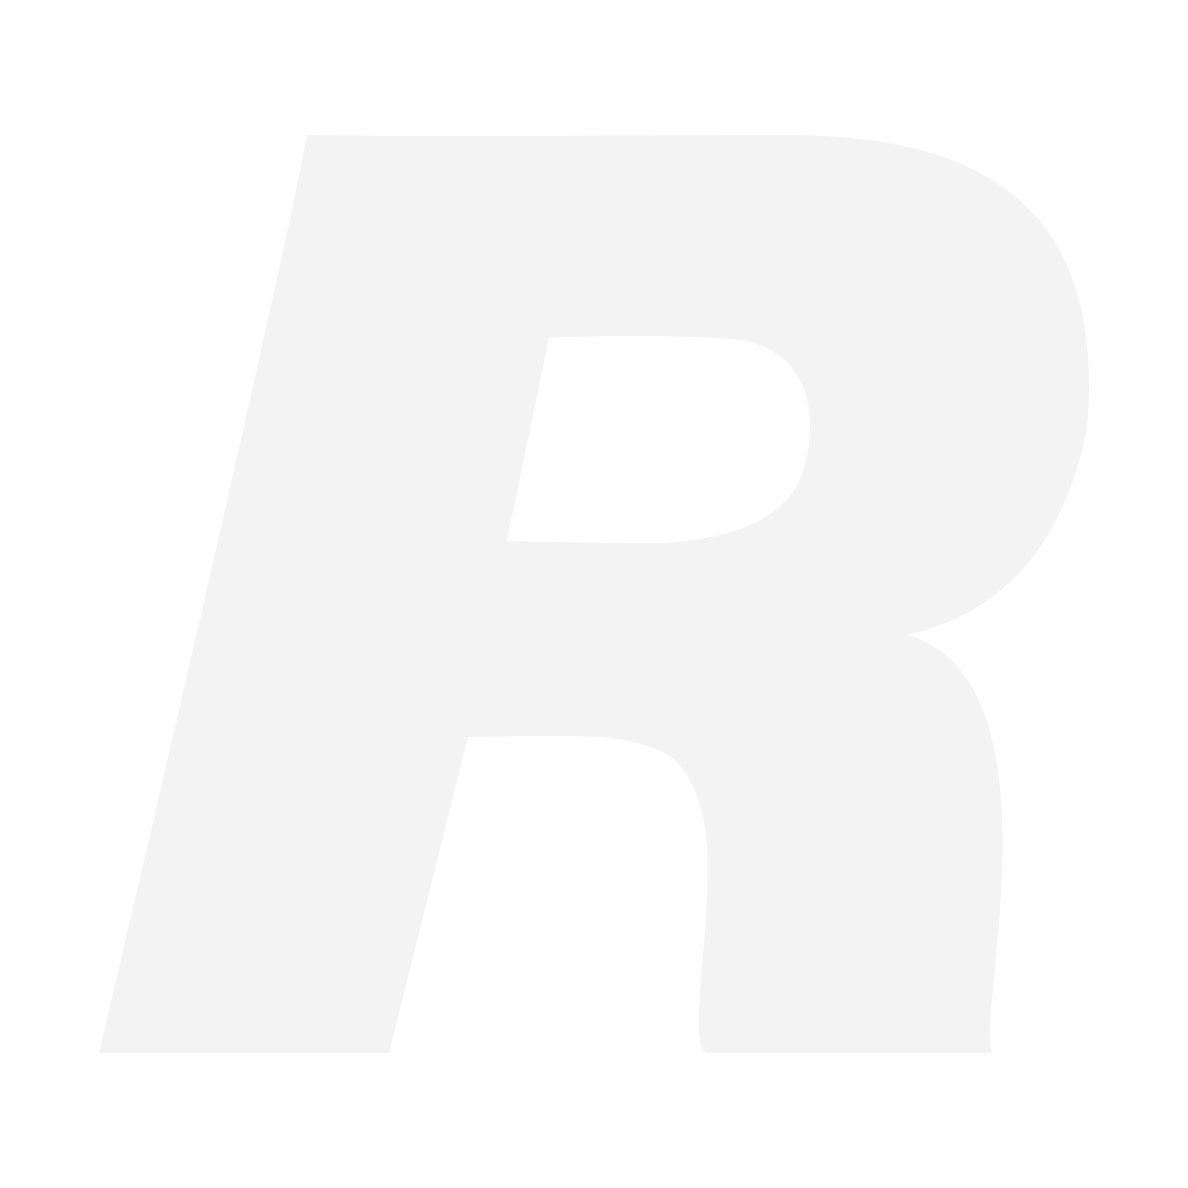 LEICA MAGNUS 1-6.3X24 L-3D RAIL